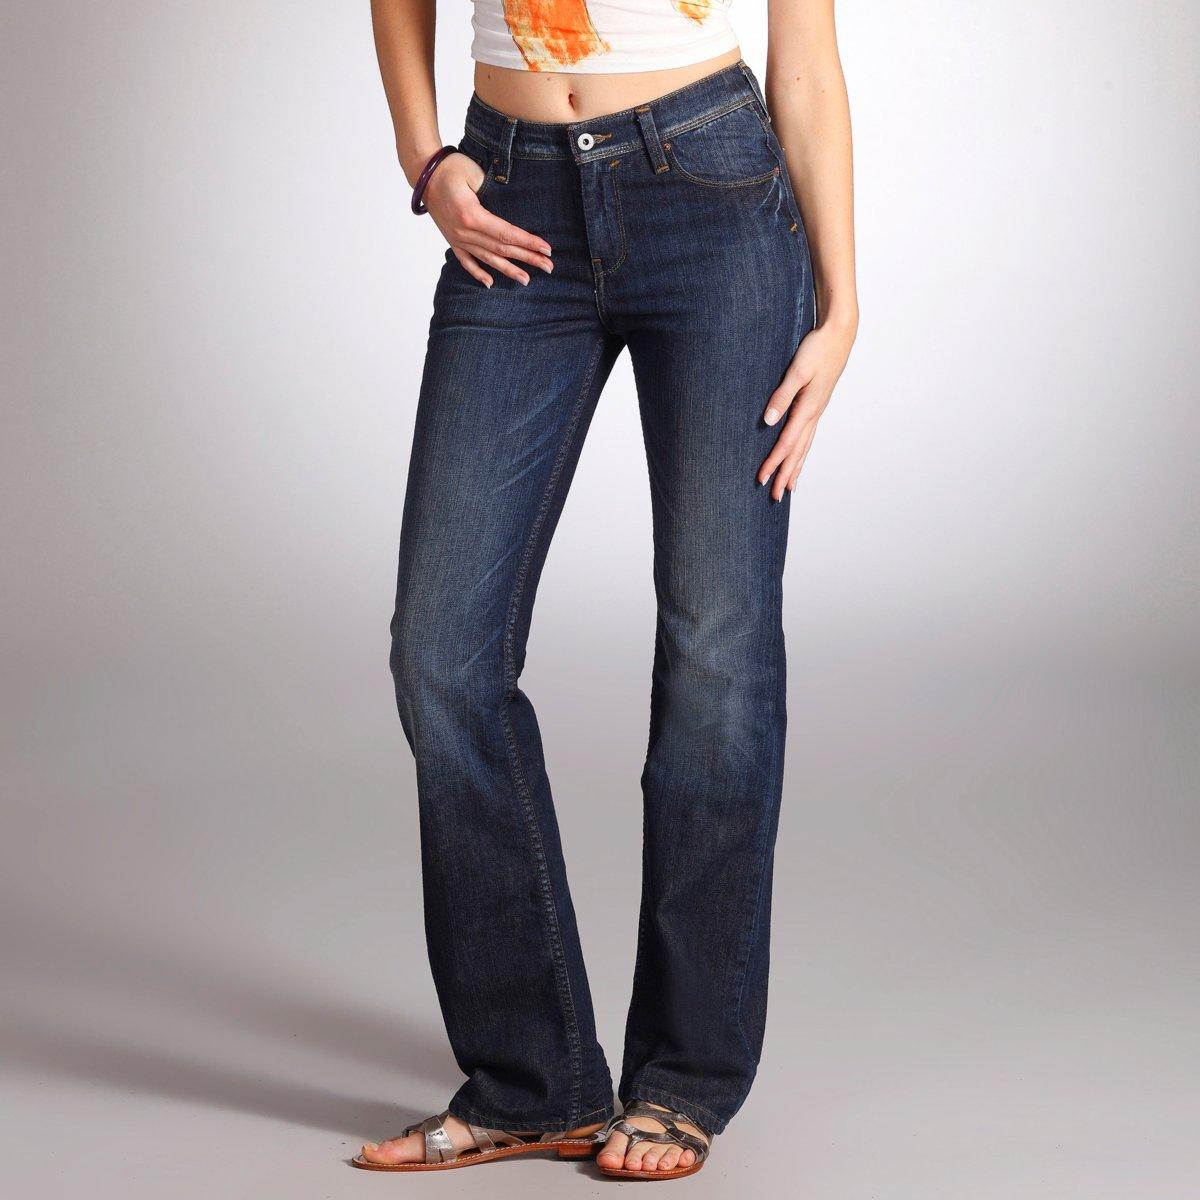 jean levi 39 s femme les aubaines jean 627 droit taille descendue long 32 prix 34 00 euros. Black Bedroom Furniture Sets. Home Design Ideas